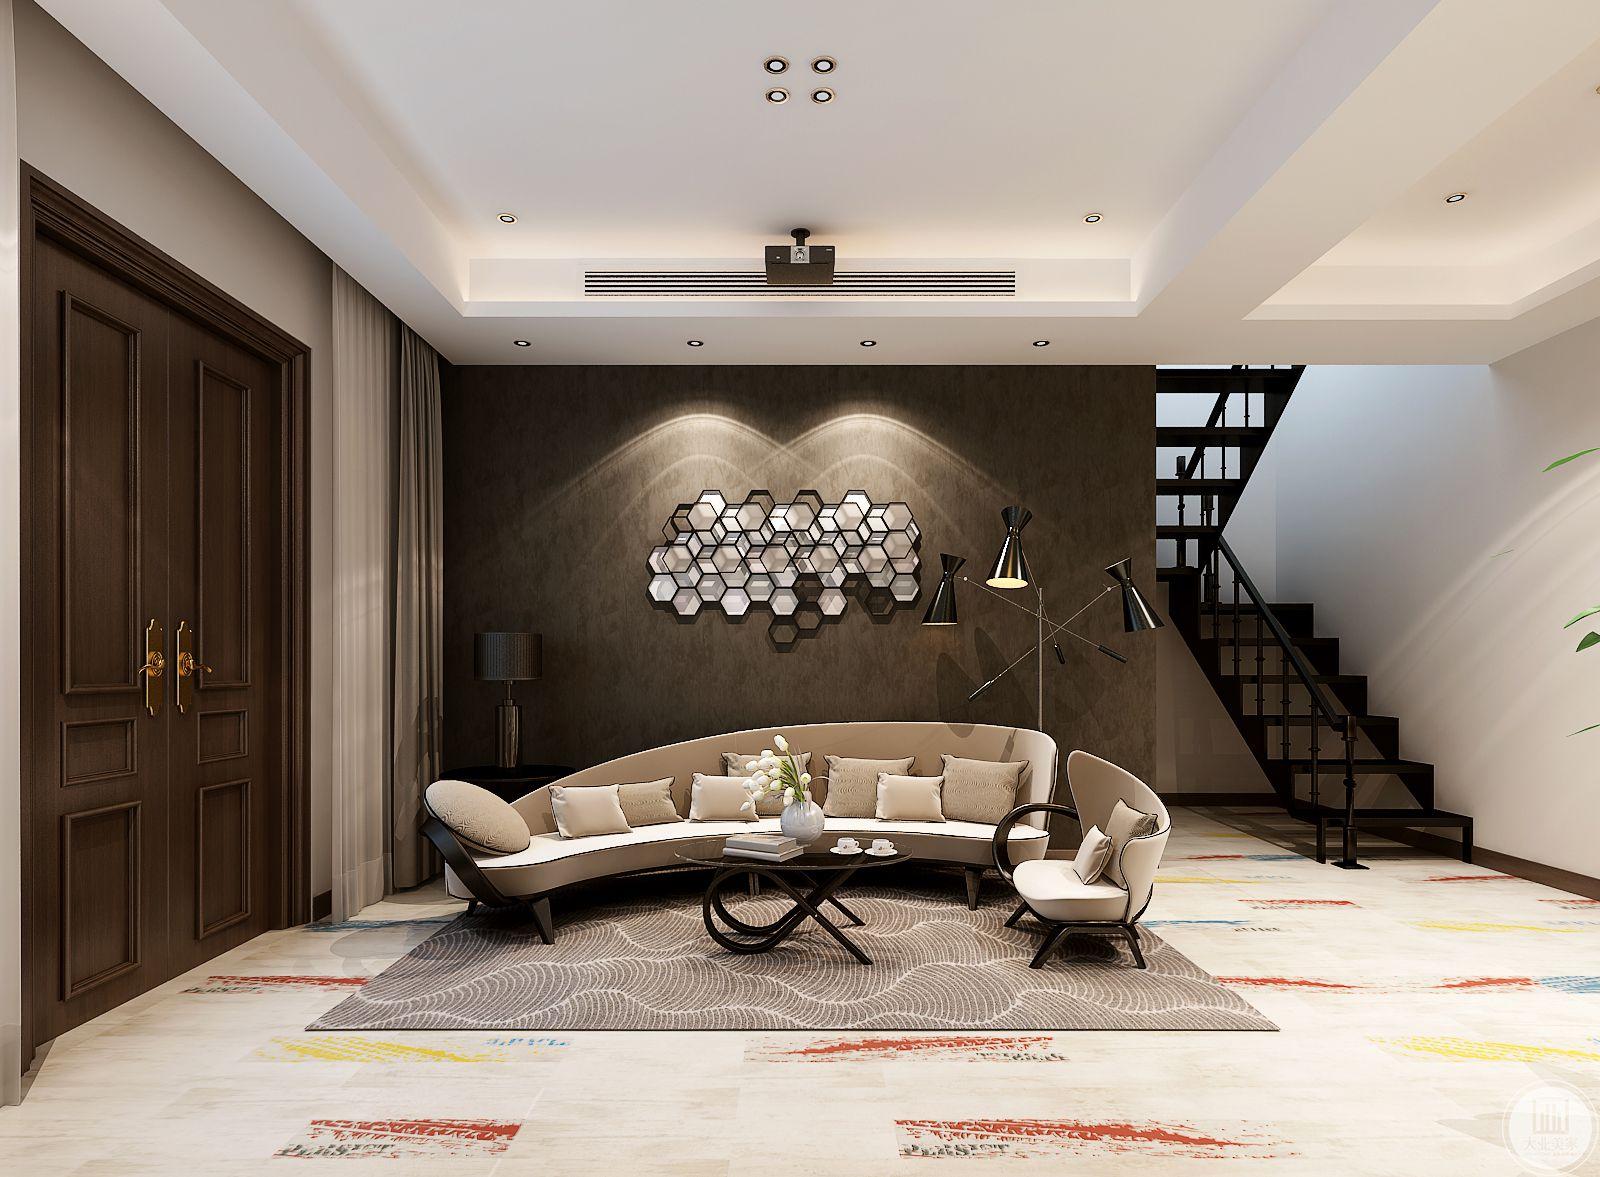 客厅沙发墙是棕色的墙面与米色的弧形主沙发搭配得宜。